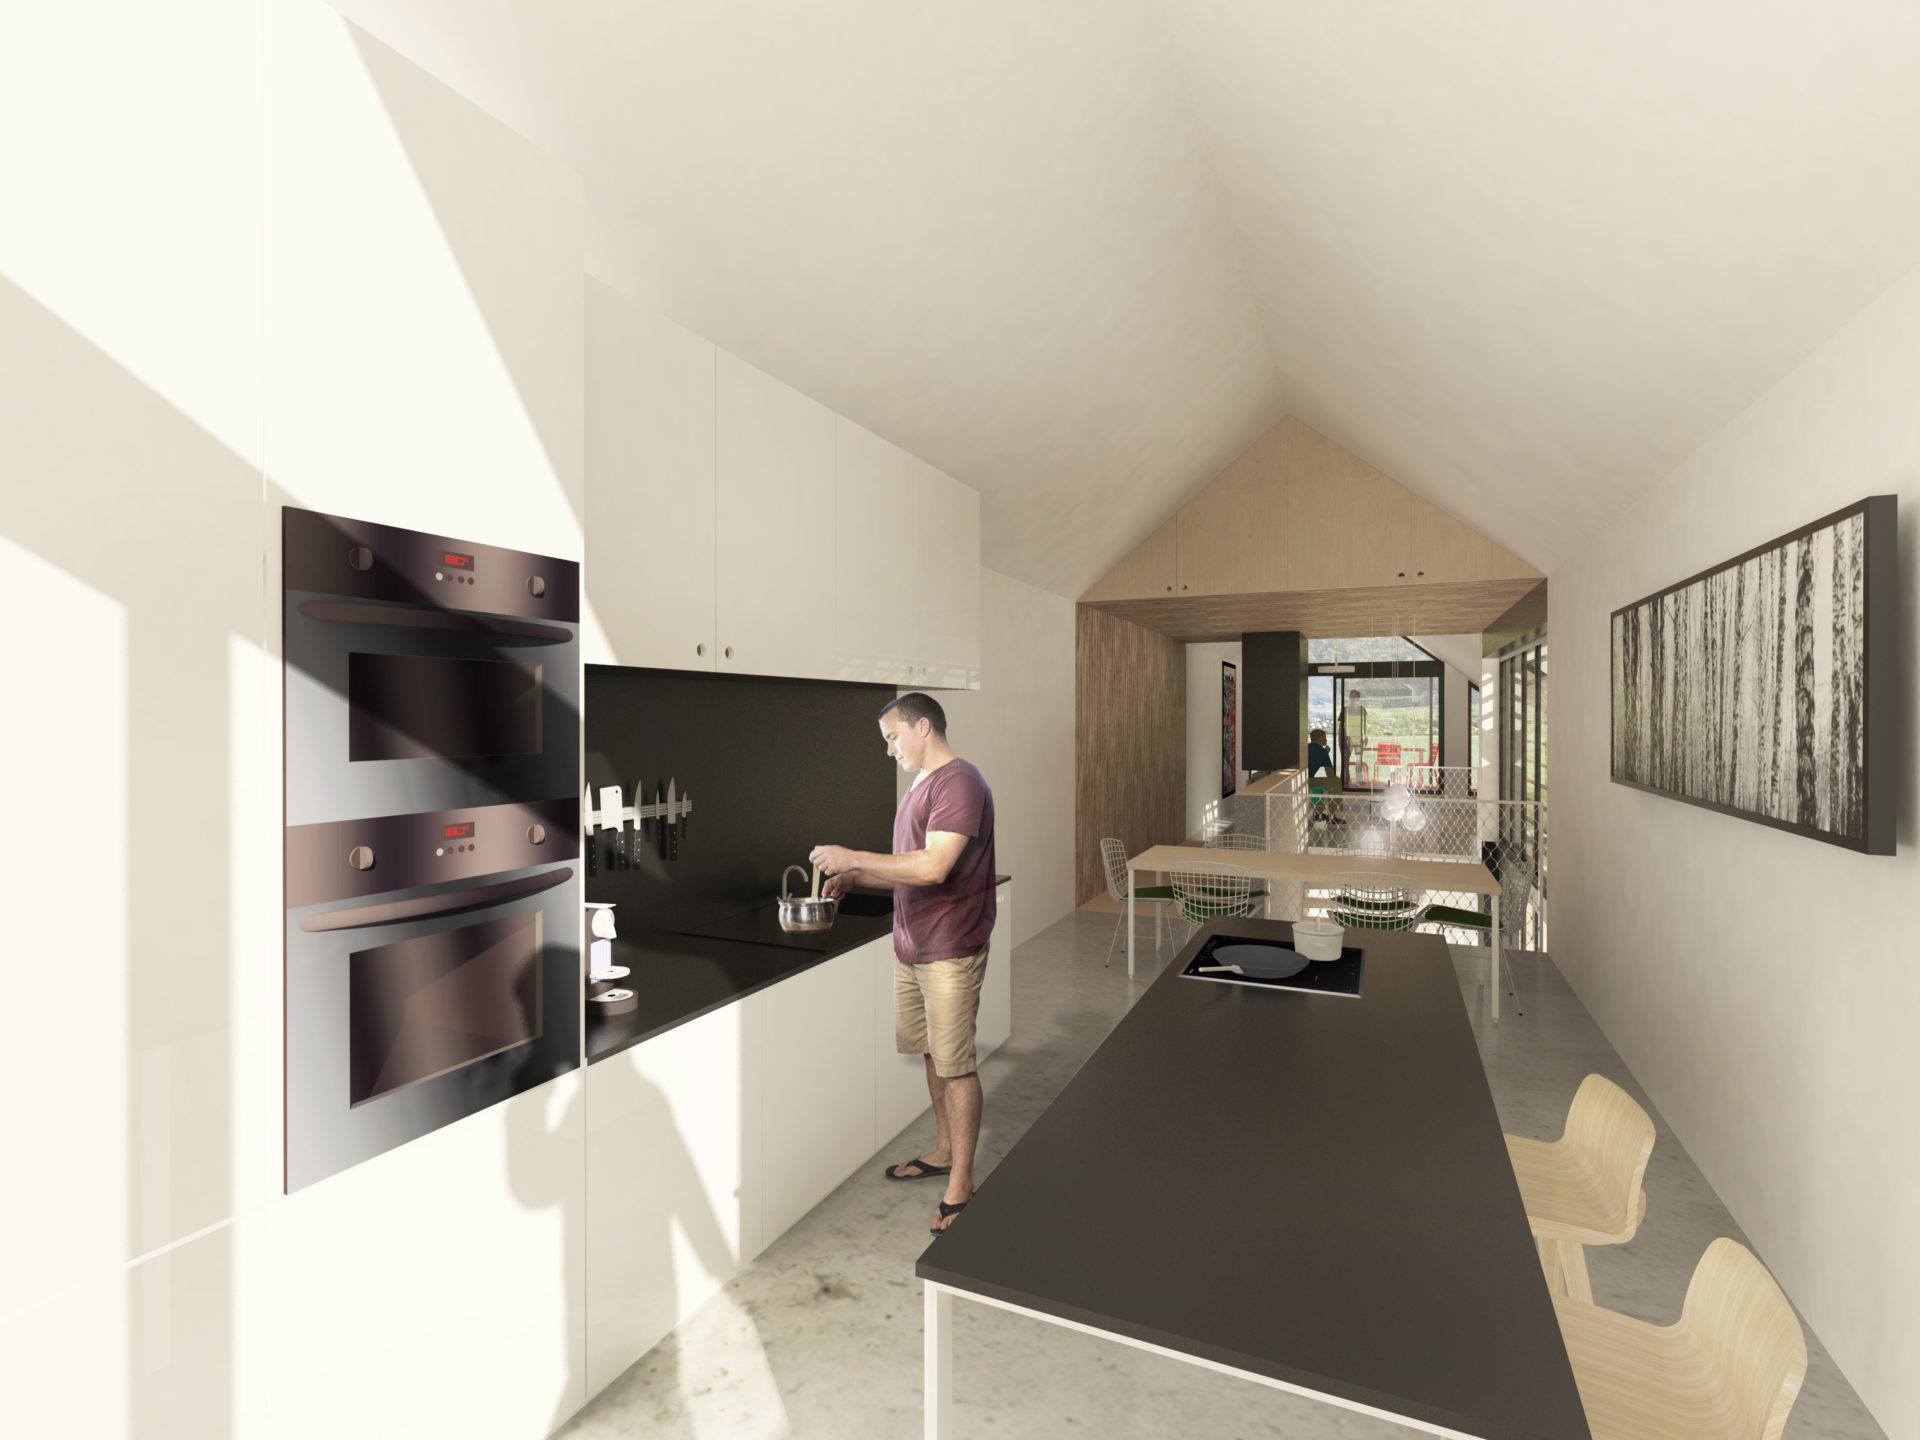 ASB architecte chambery savoie maison ossature bois bourdeau 4